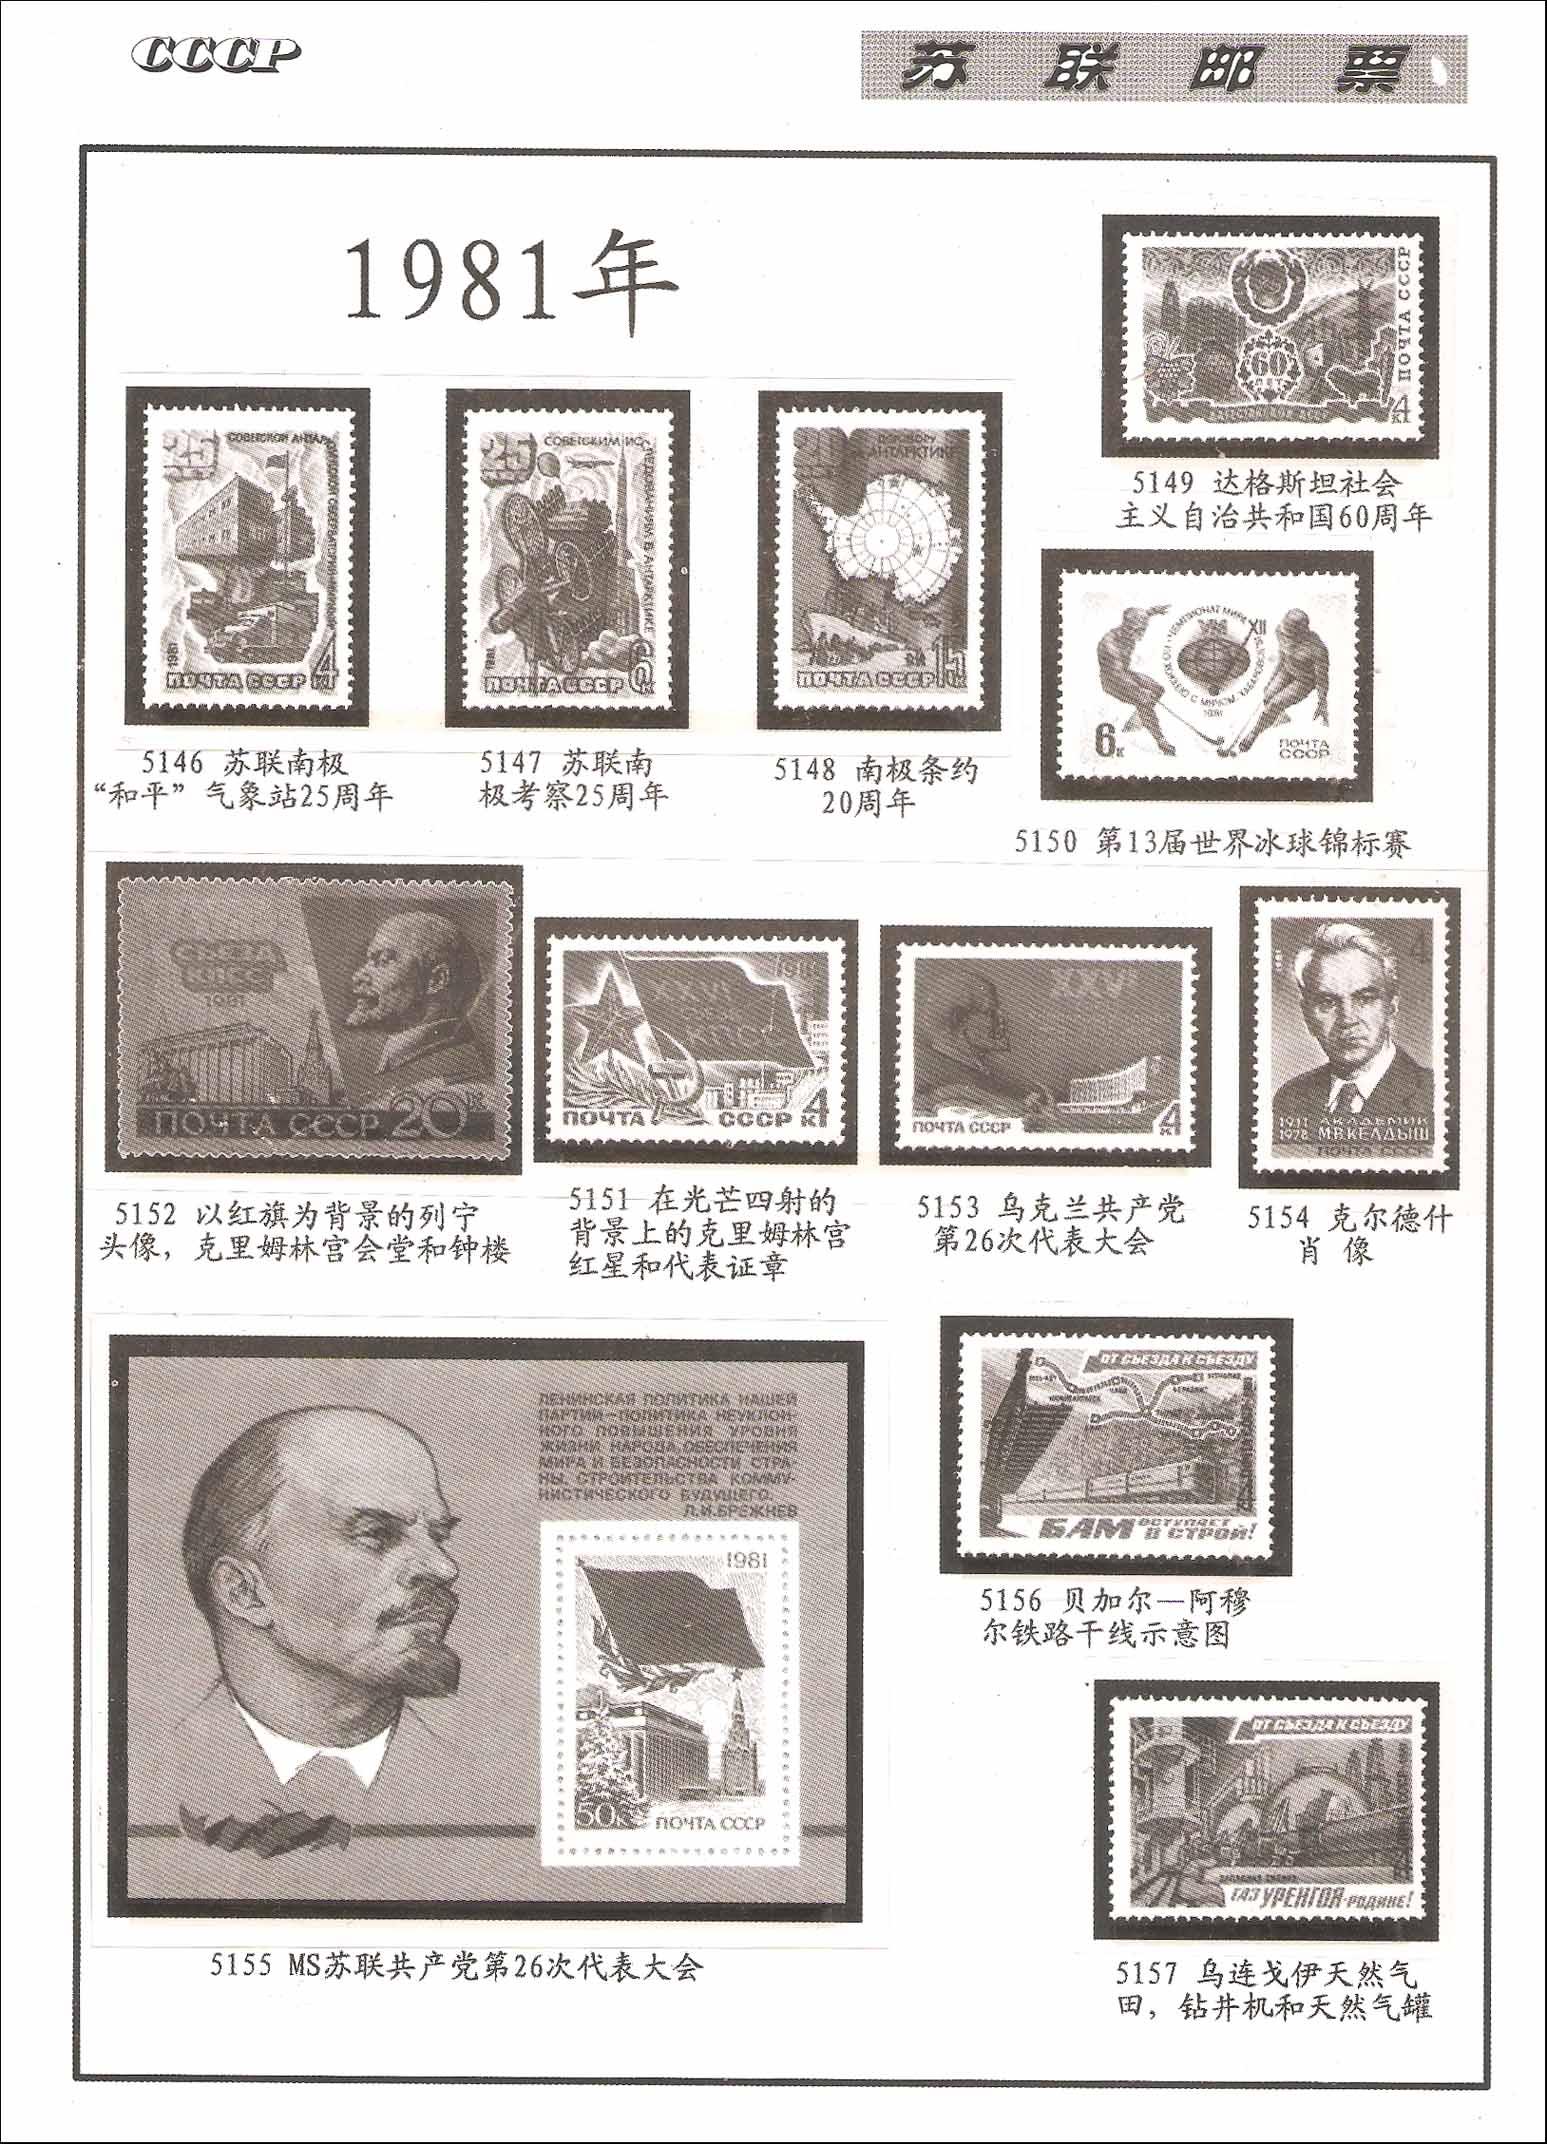 Провинция сучжоу присоединиться печать 1981 год провинция сучжоу присоединиться печать с отрывными листами расположение книга ( в целом 8 страница )